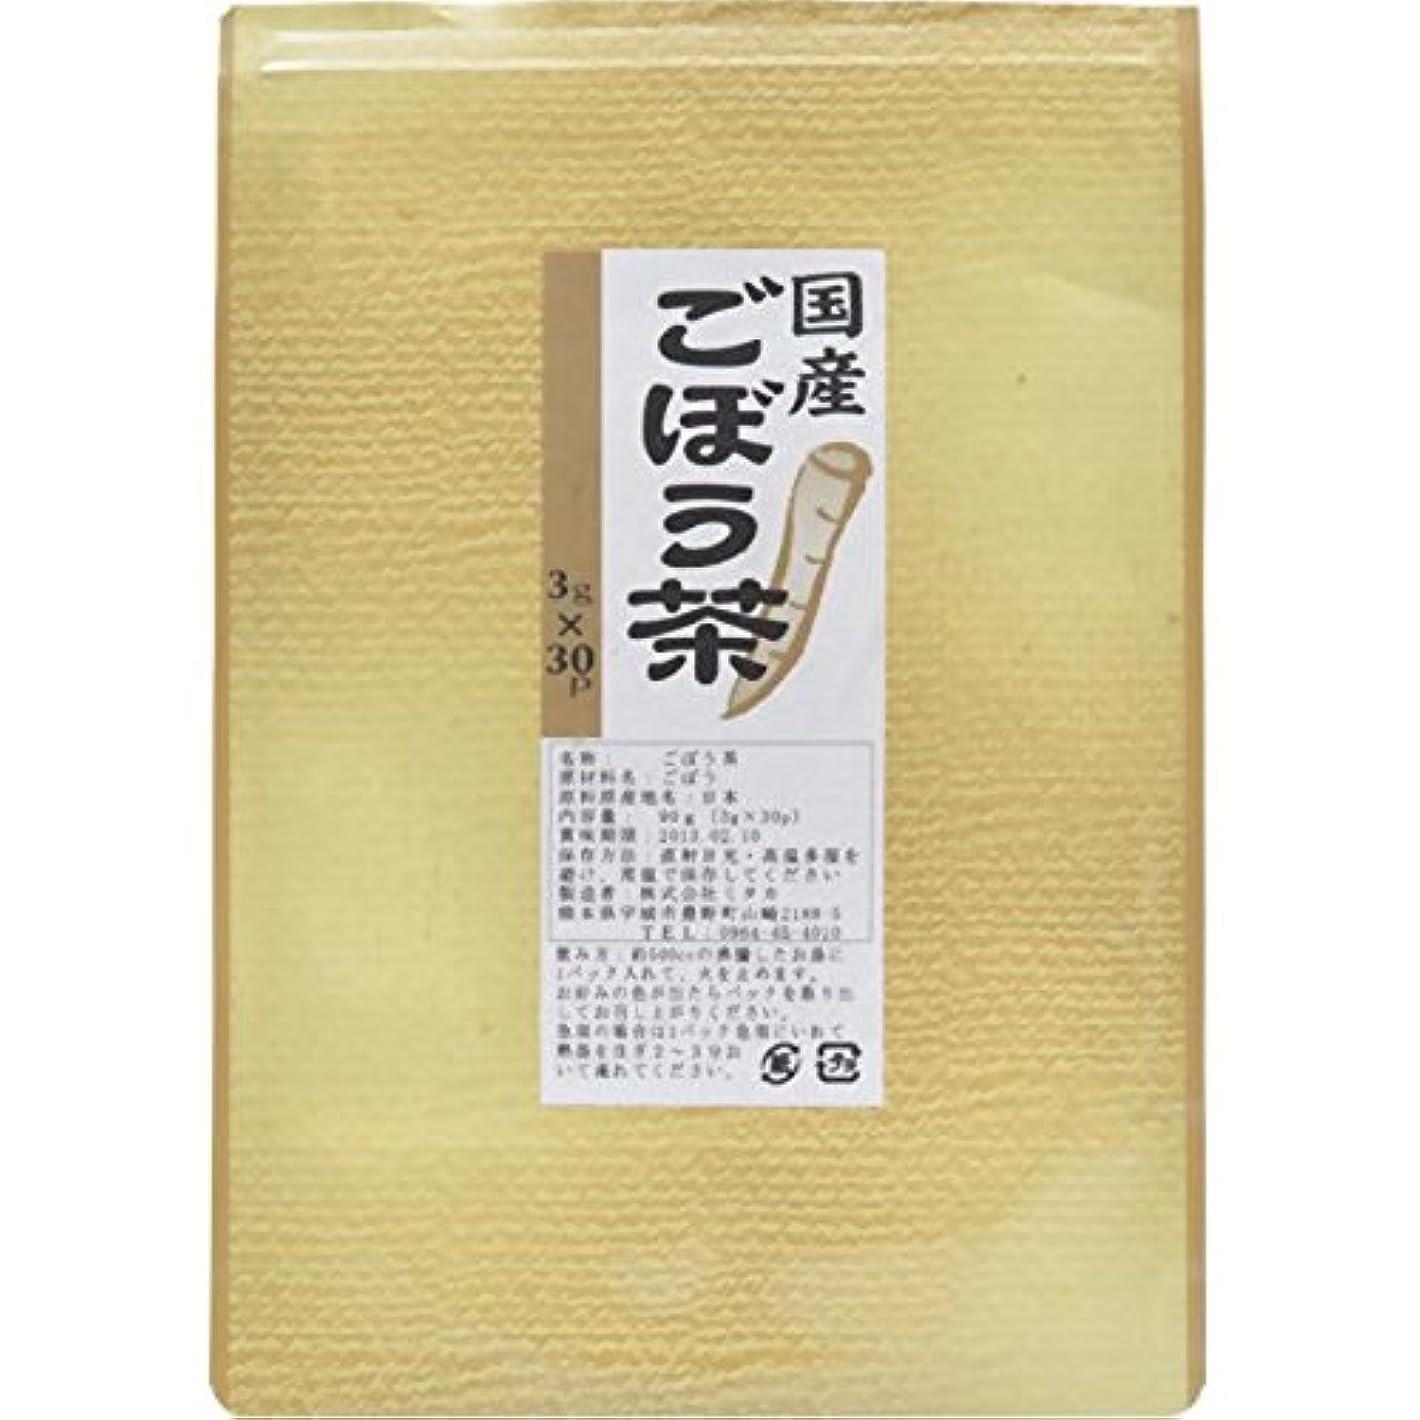 祝福建設主婦国産ごぼう茶ティーパック 3gX30包